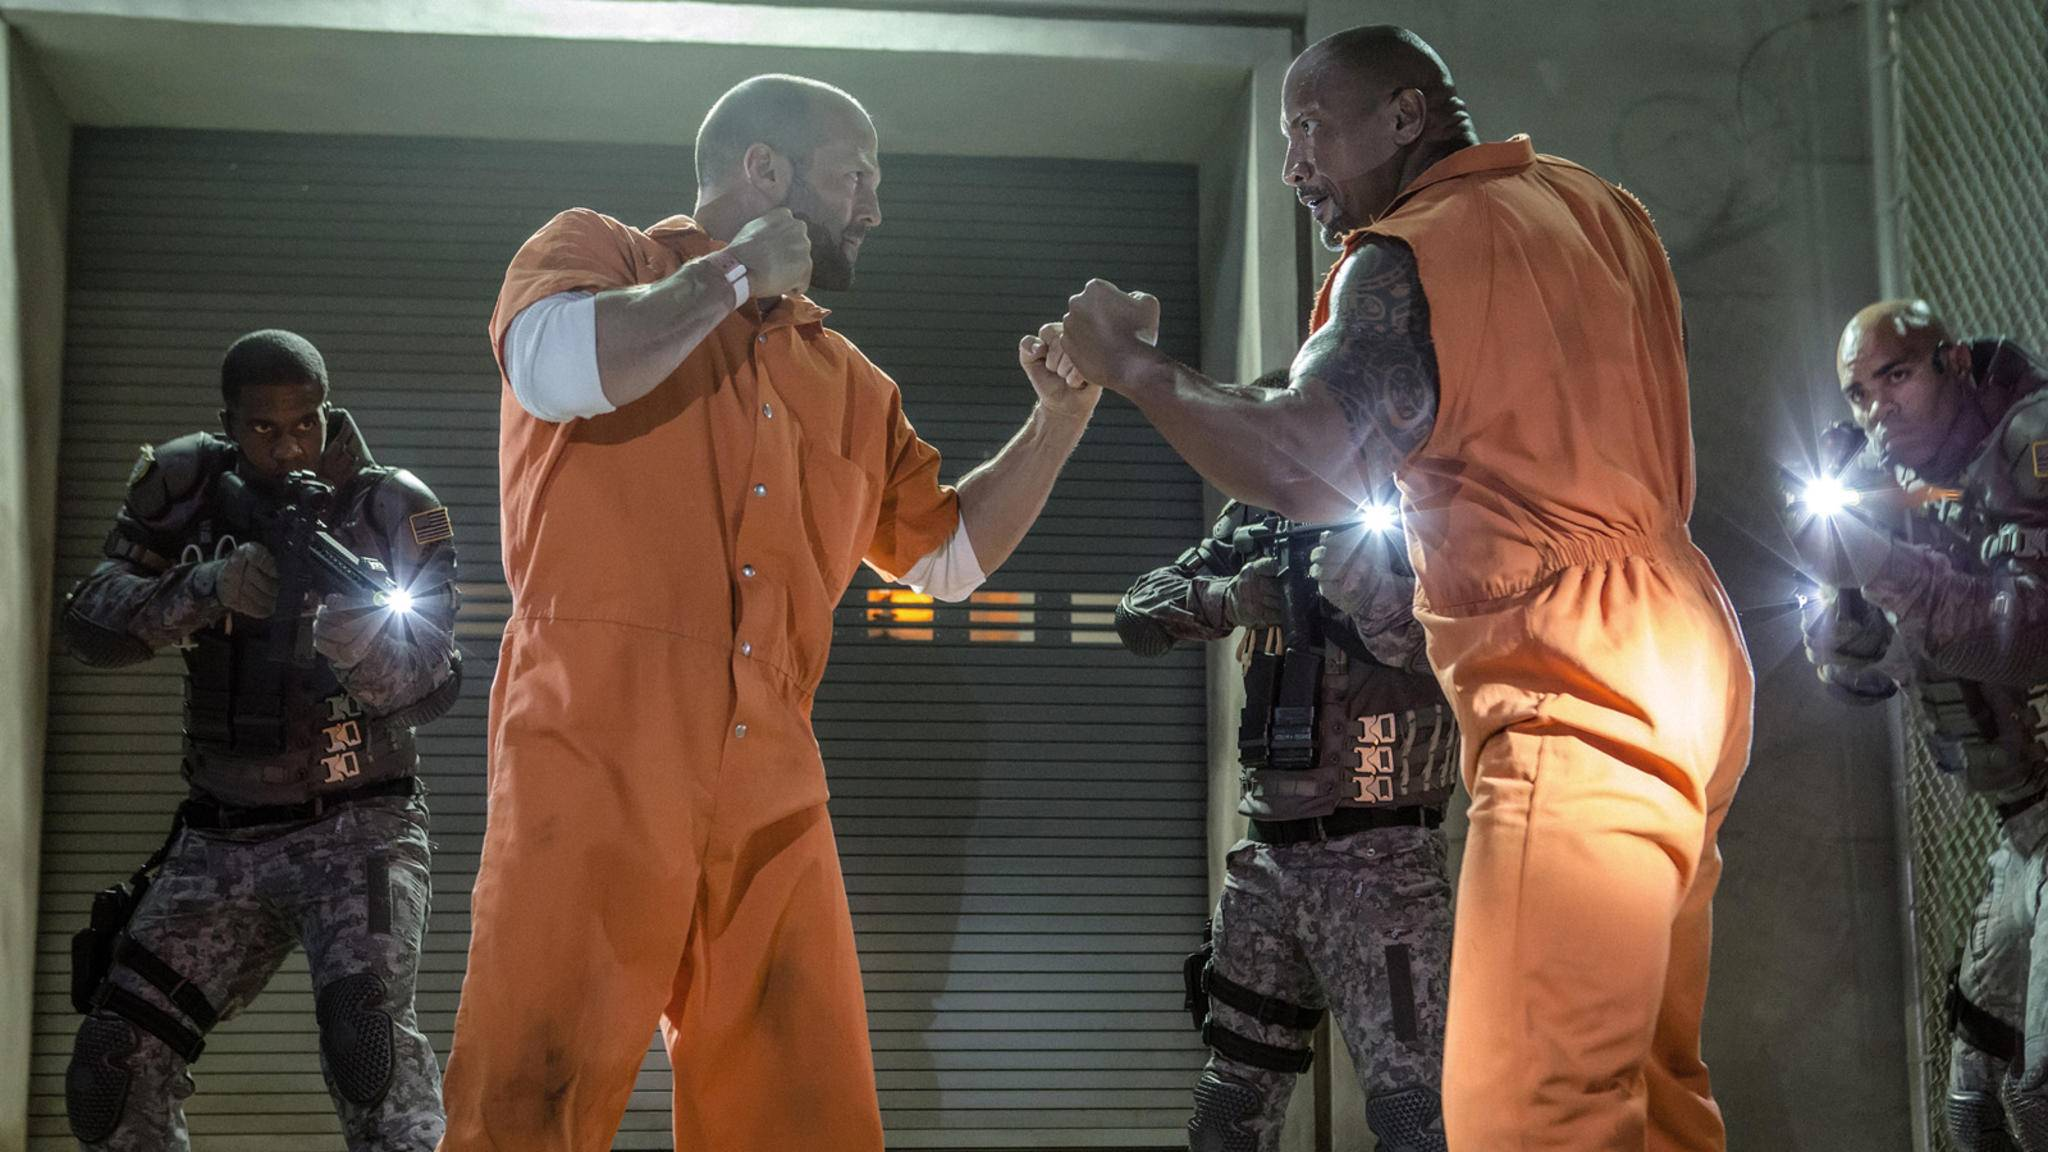 Das geplante Spin-off um Deckard Shaw (Jason Statham, links) und Luke Hobbs (Dwayne Johnson, rechts) sorgt für hitzige Reaktionen.